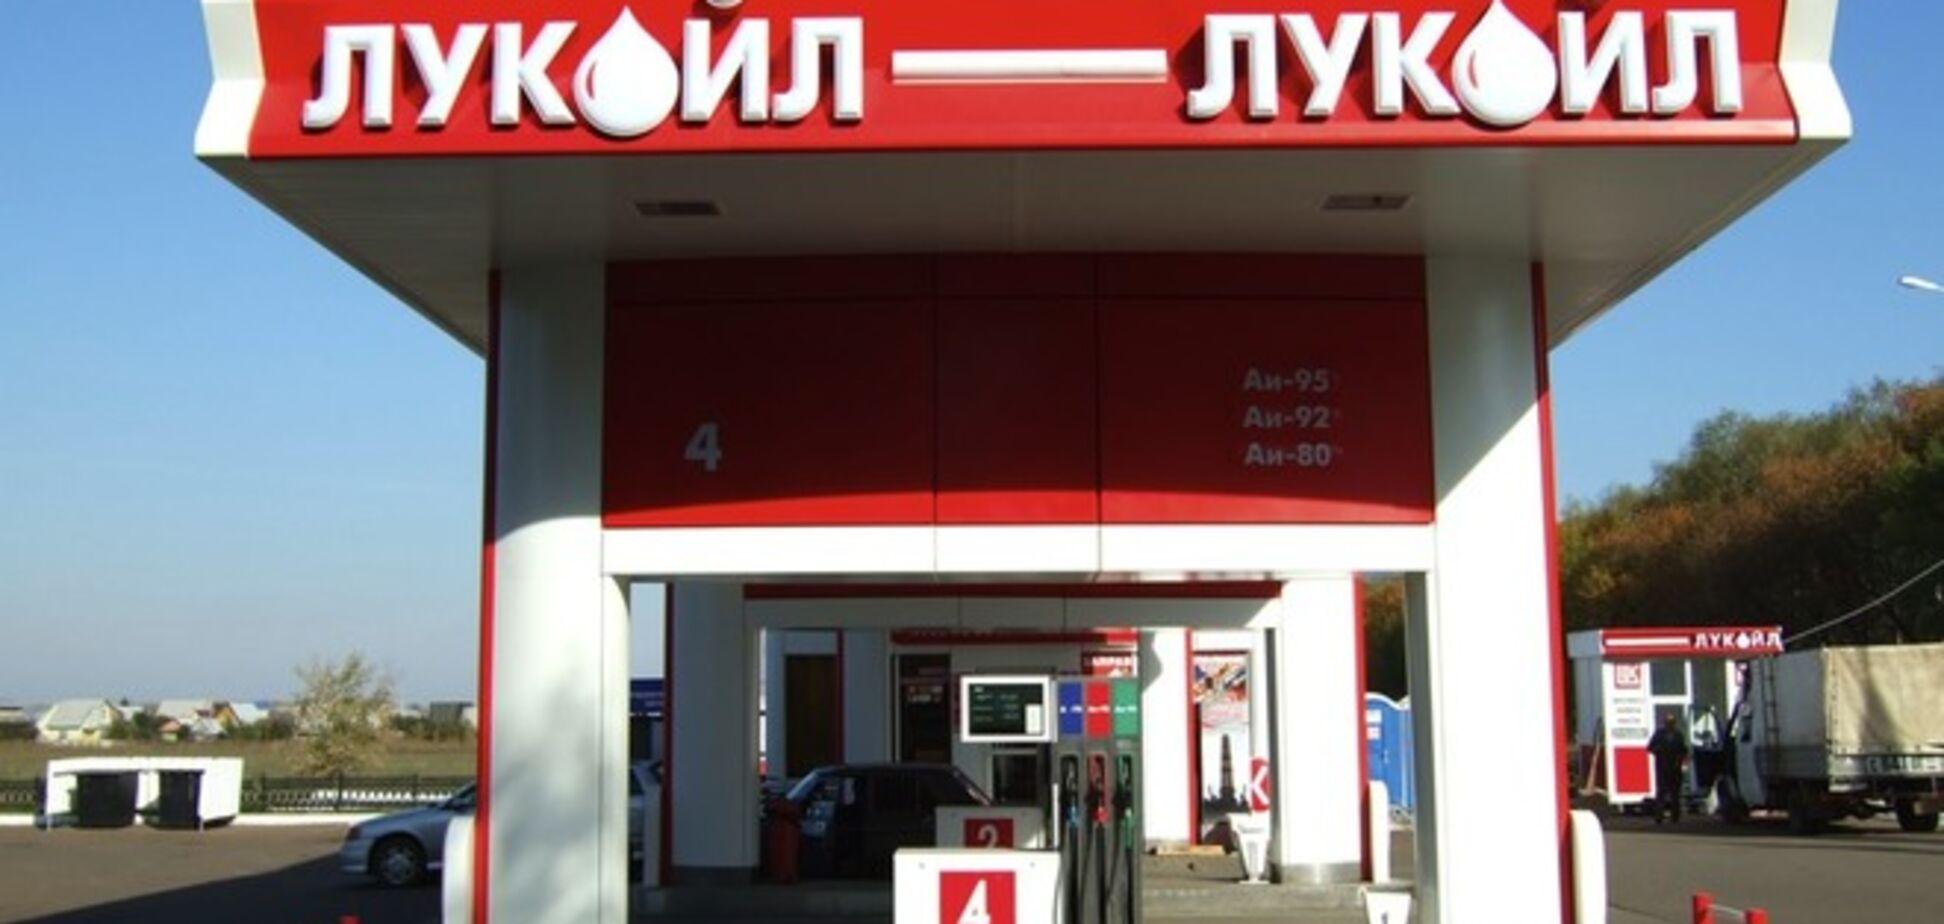 'Лукойл' продаст 240 АЗС и 6 нефтебаз в Украине